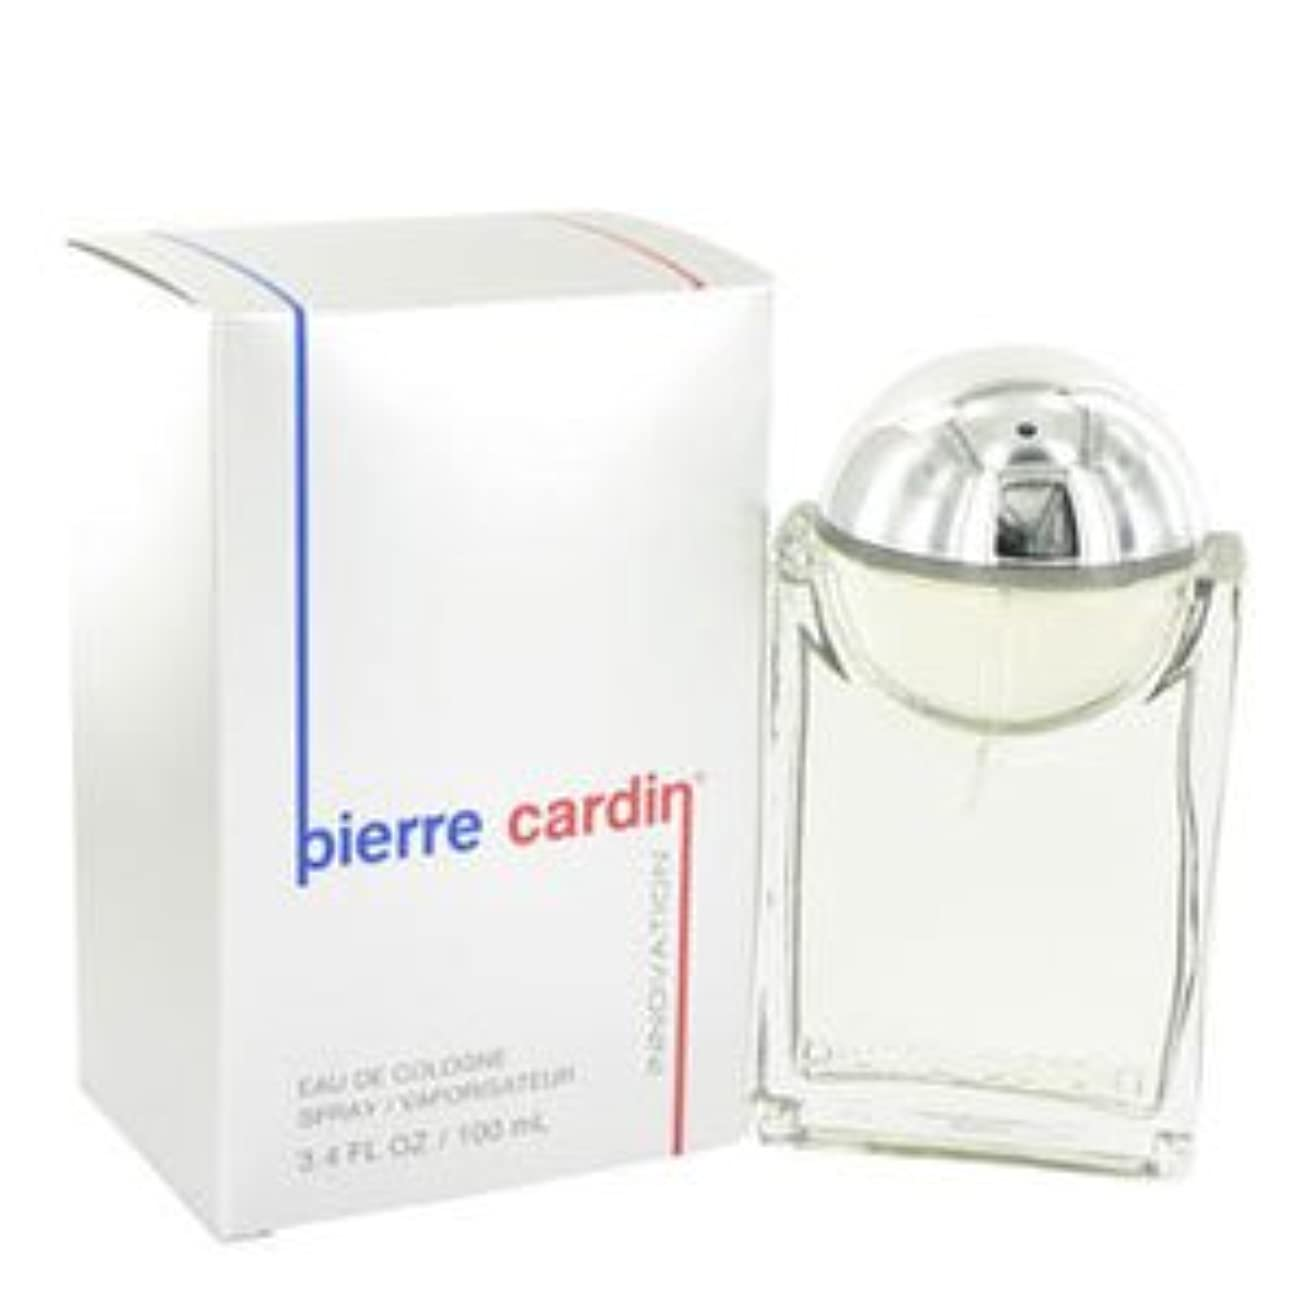 バリアリフトメロンPierre Cardin Innovation (ピエール カルダン イノベーション) 3.4 oz (100ml) EDC Spray for Men